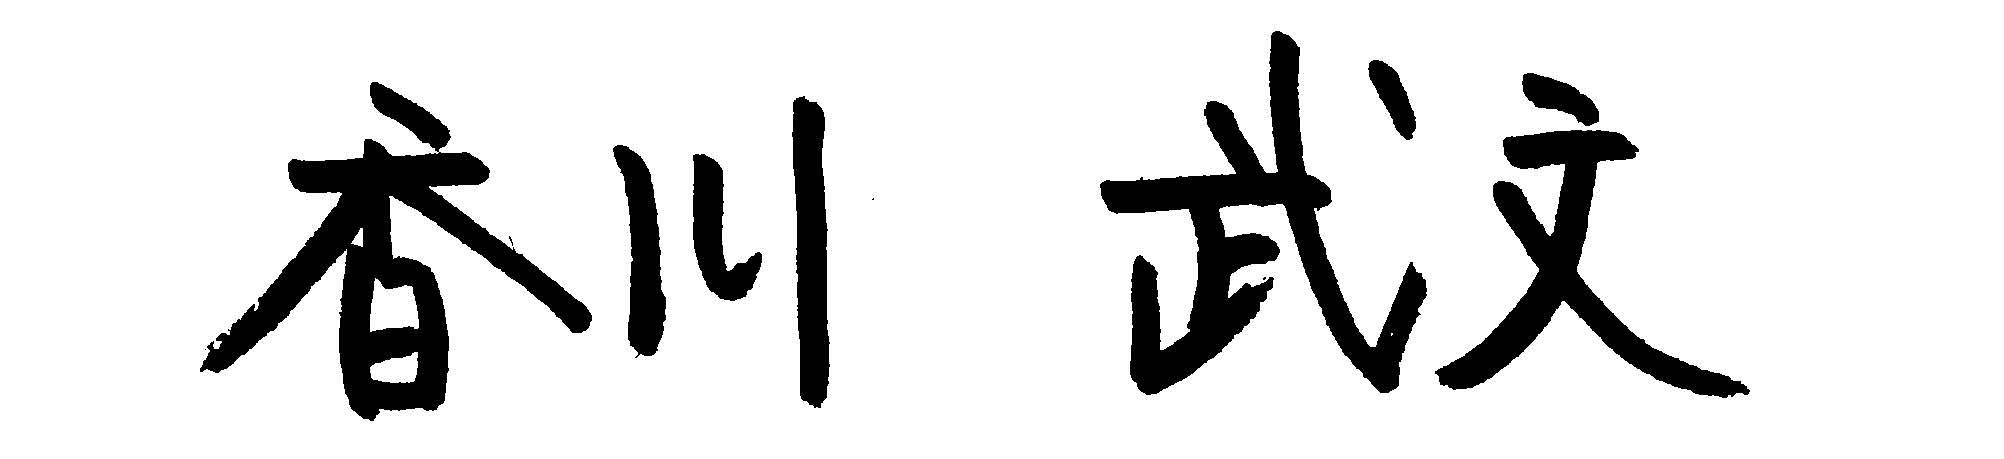 香川たけふみ